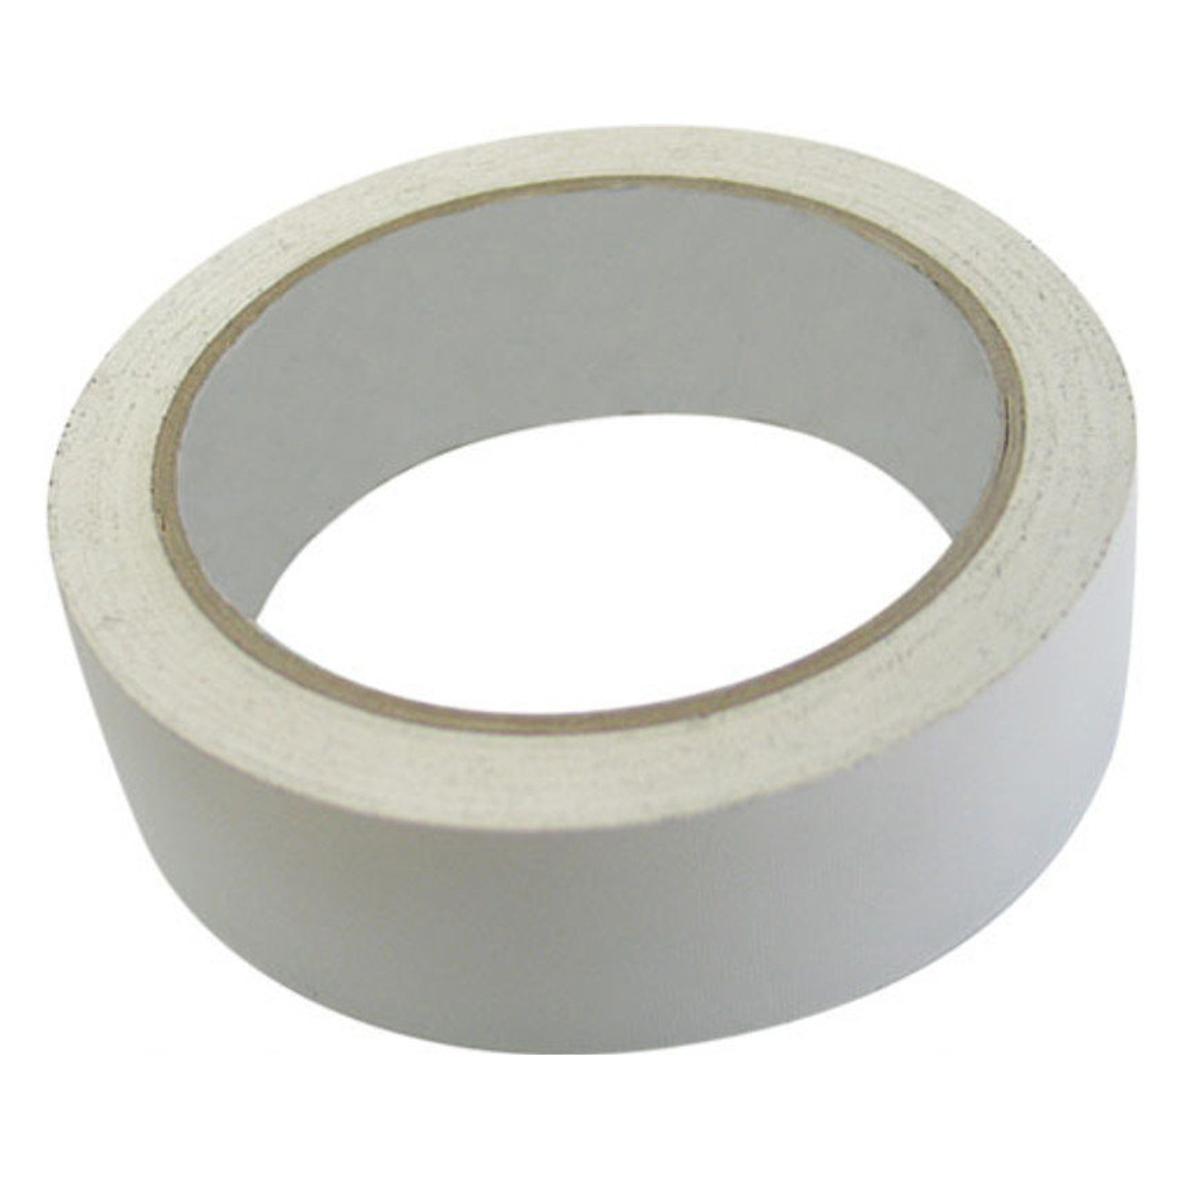 Лента малярная Masterprof Hs.070014 лента малярная folsen для деликатных поверхностей 30мм х 25